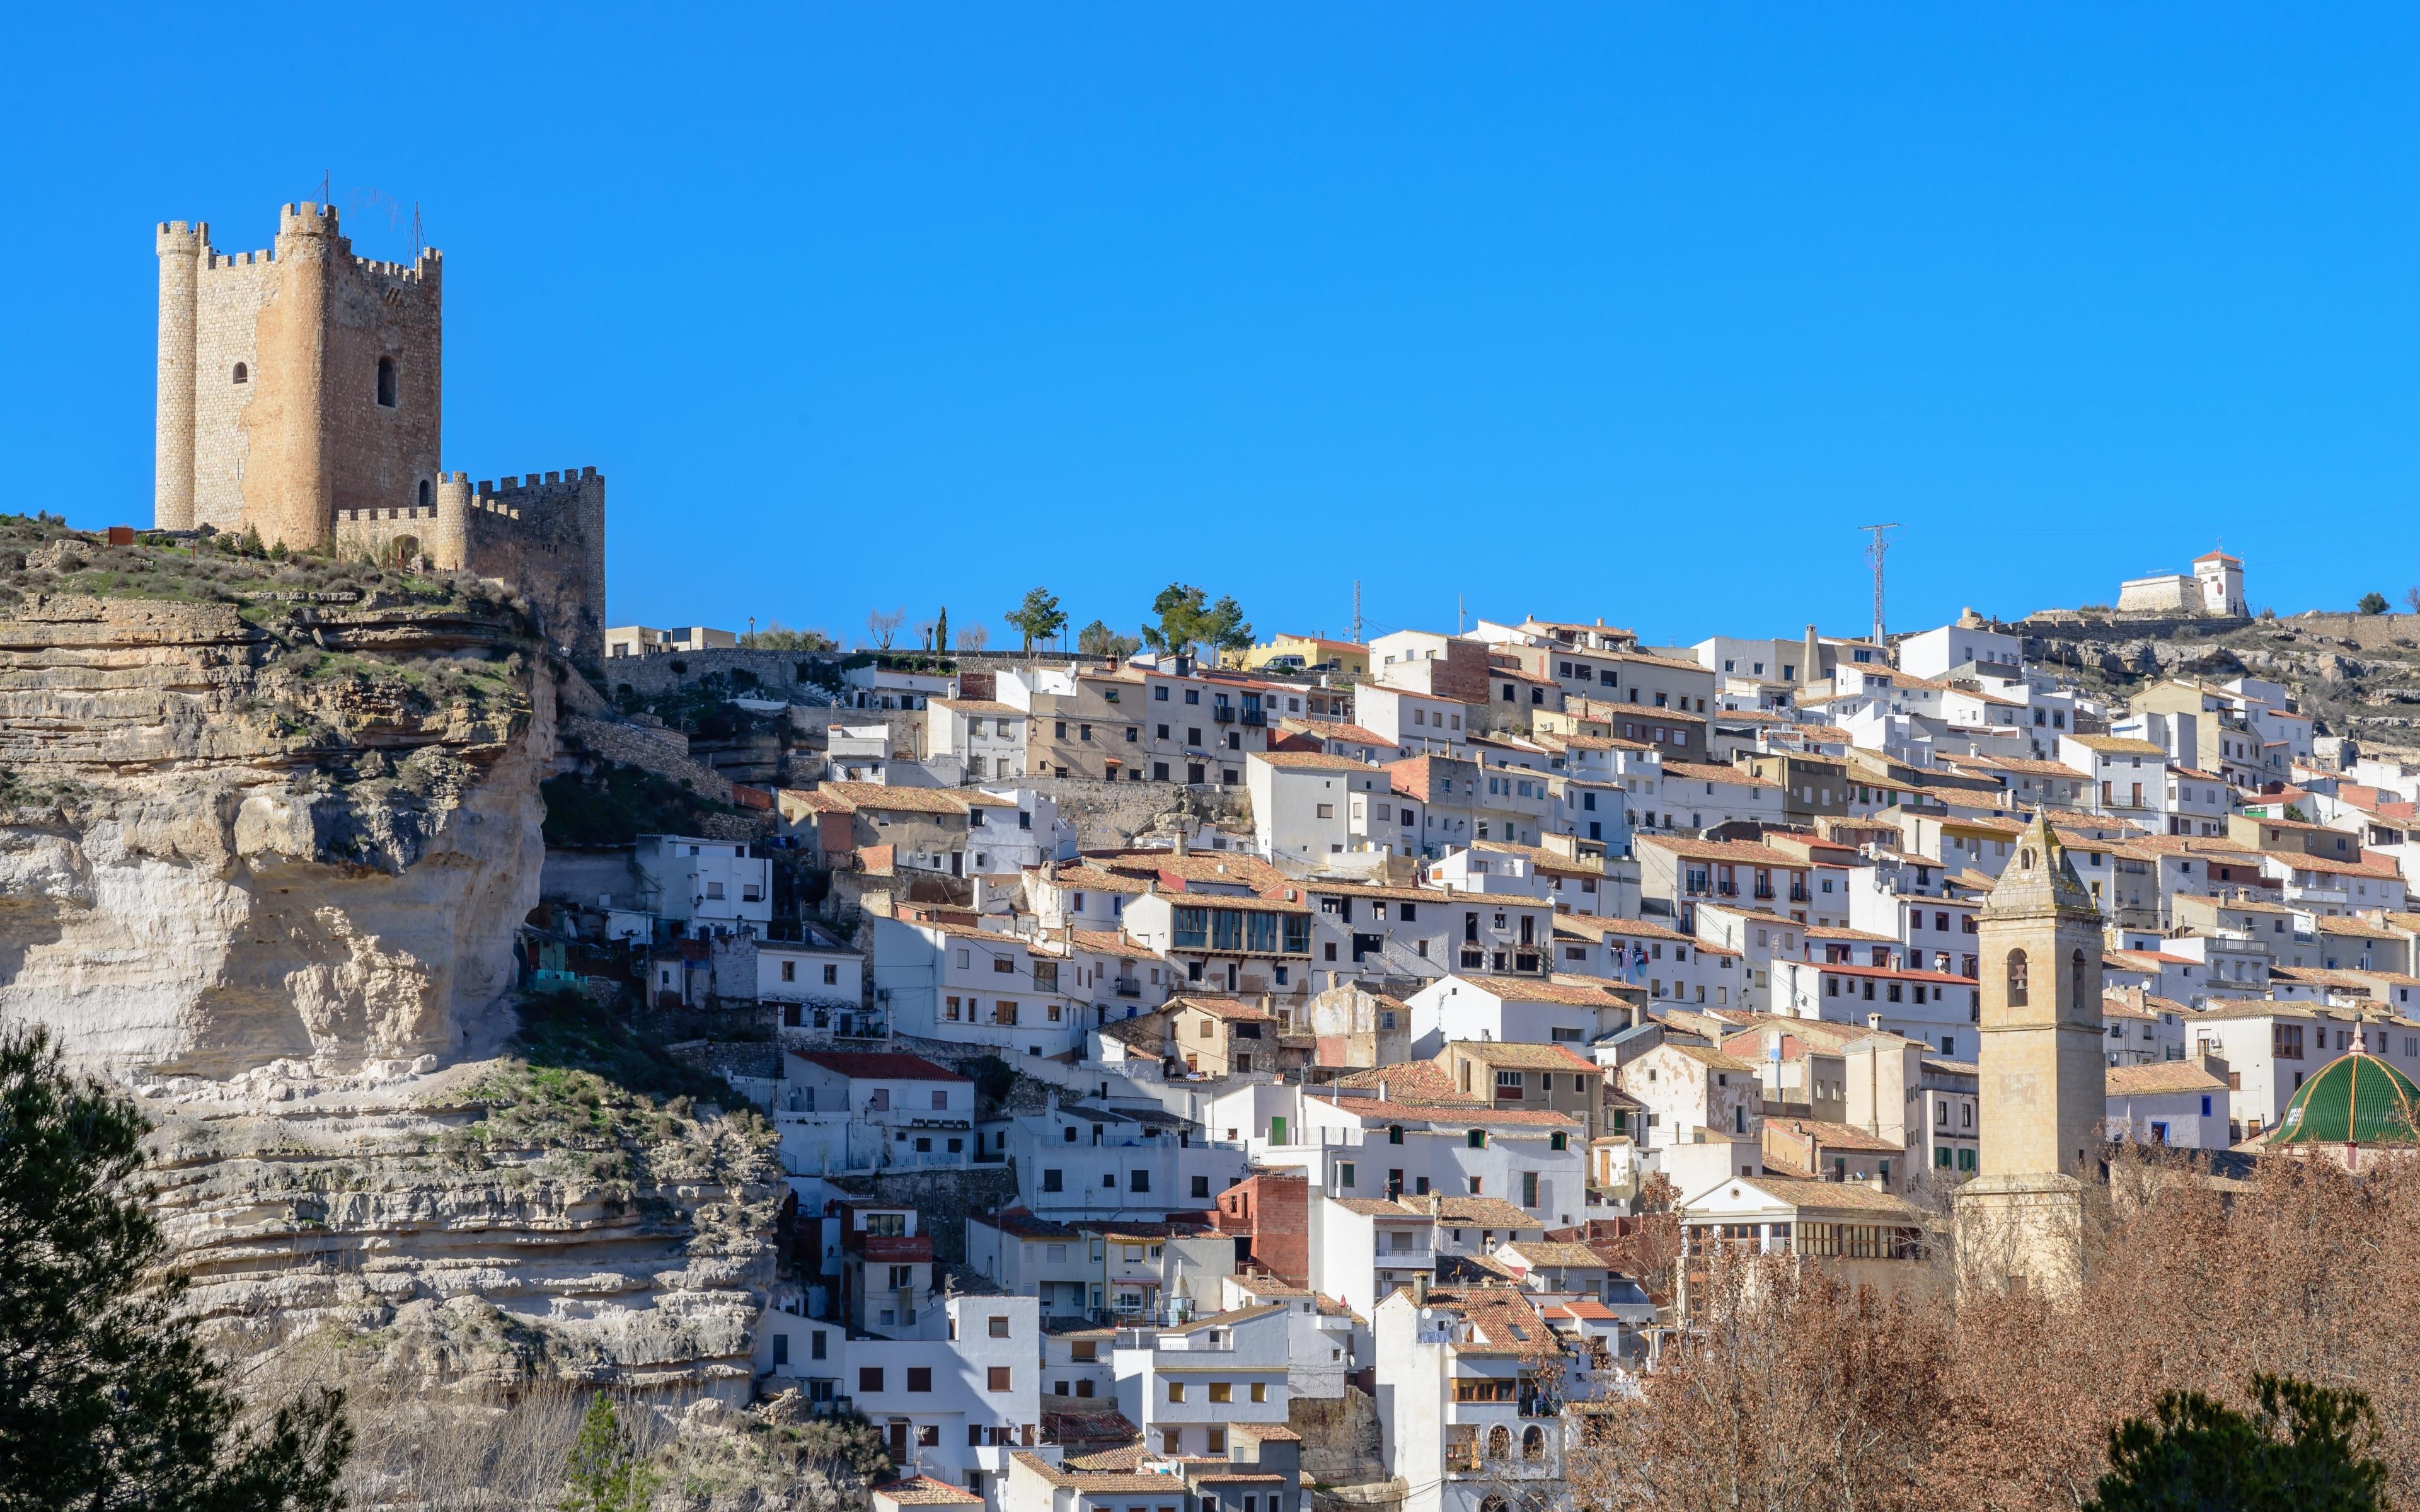 Province of Albacete, Castilla - La Mancha, Spain